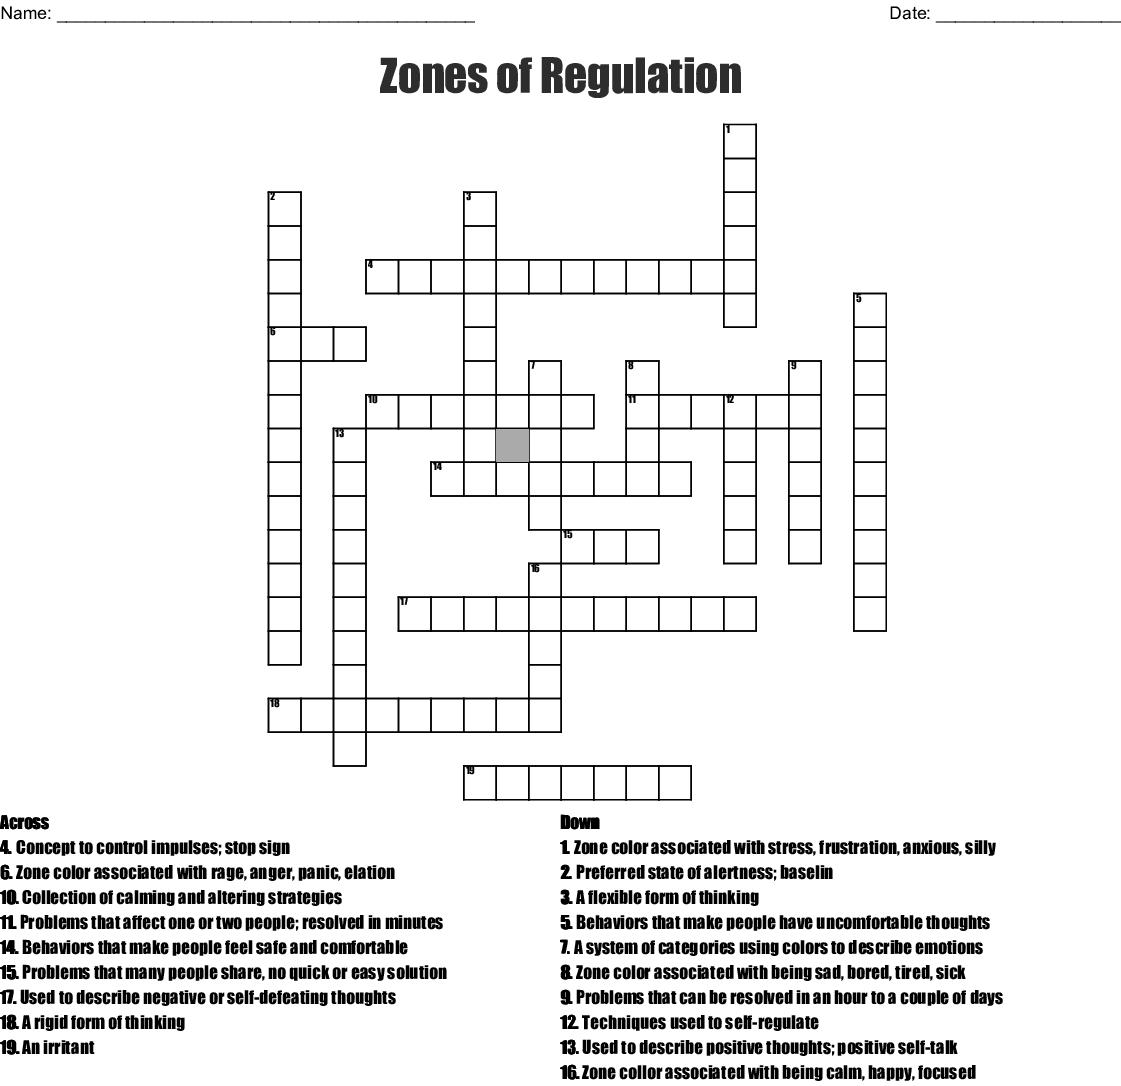 Zones Of Regulation Crossword